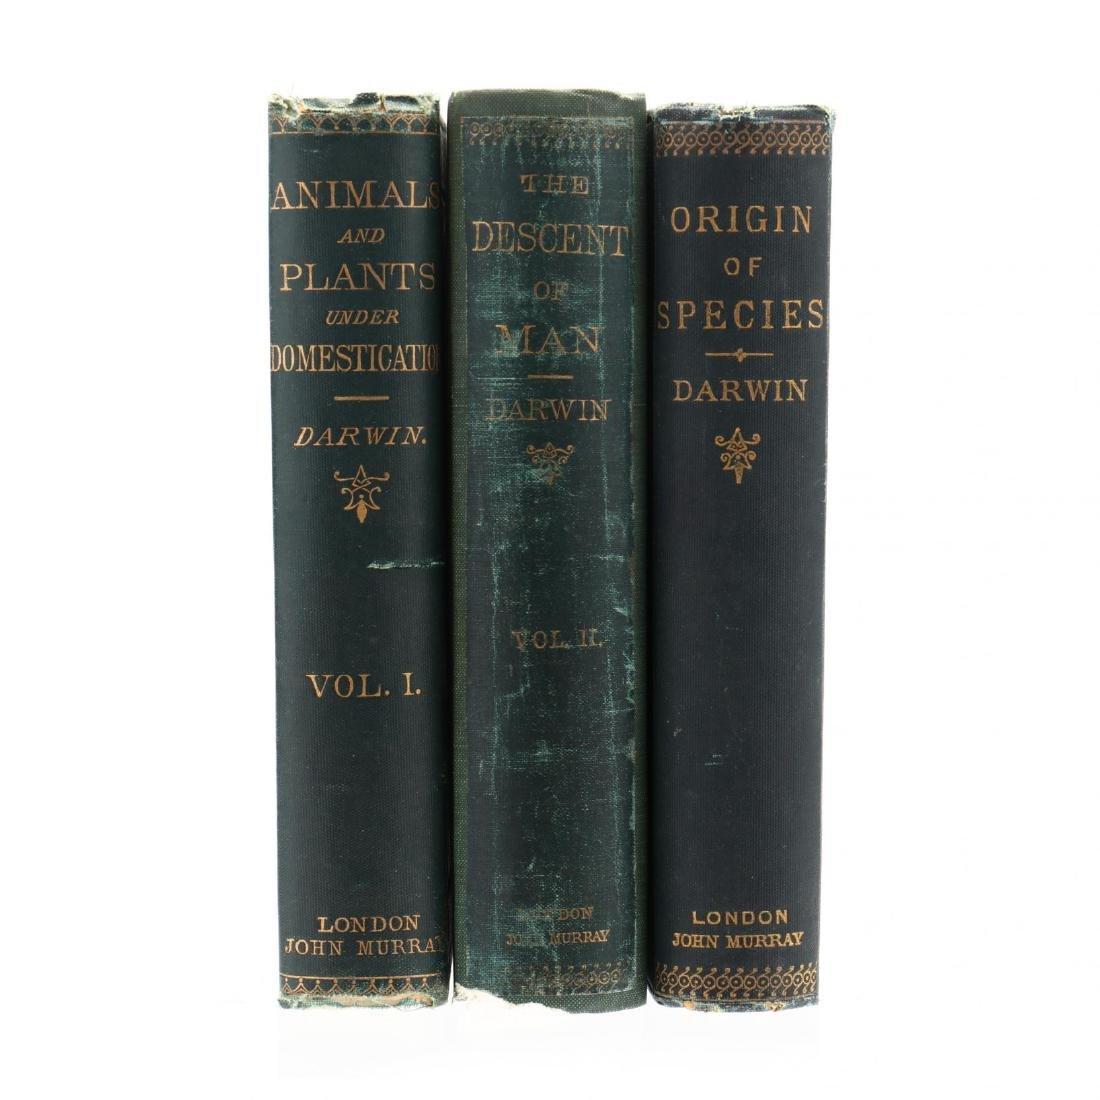 Three 19th Century Books by Charles Darwin